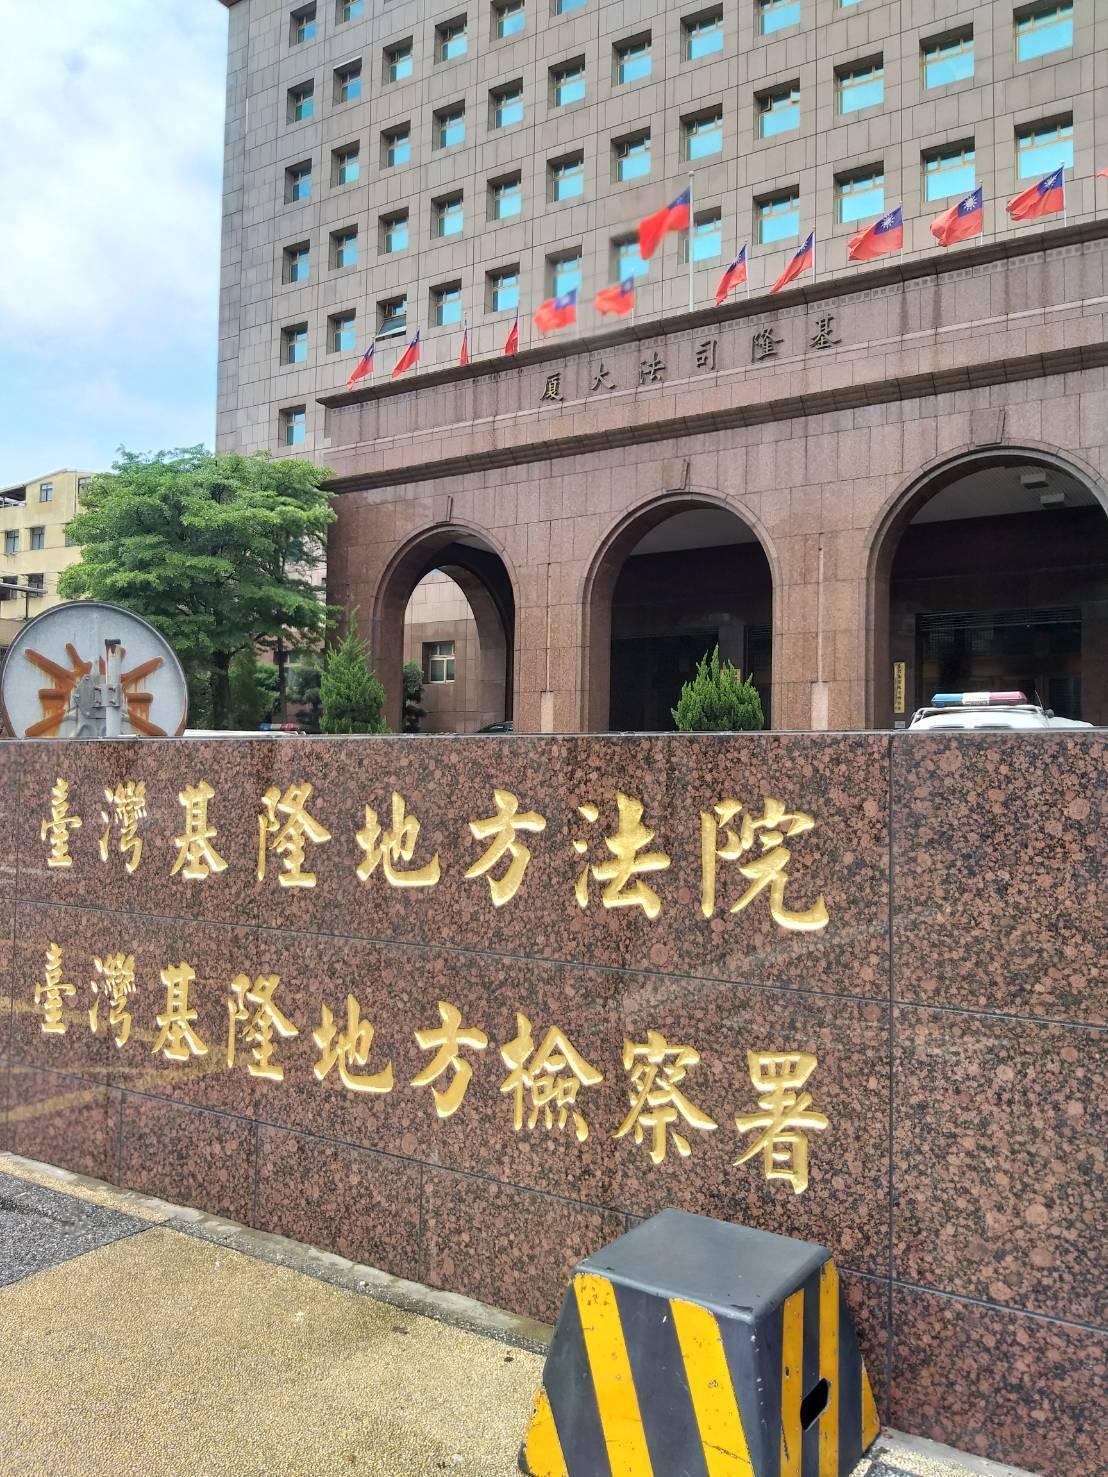 胡姓男子經營電子遊藝場,涉嫌讓客人用分數兌換現金,被檢方依賭博罪嫌起訴。